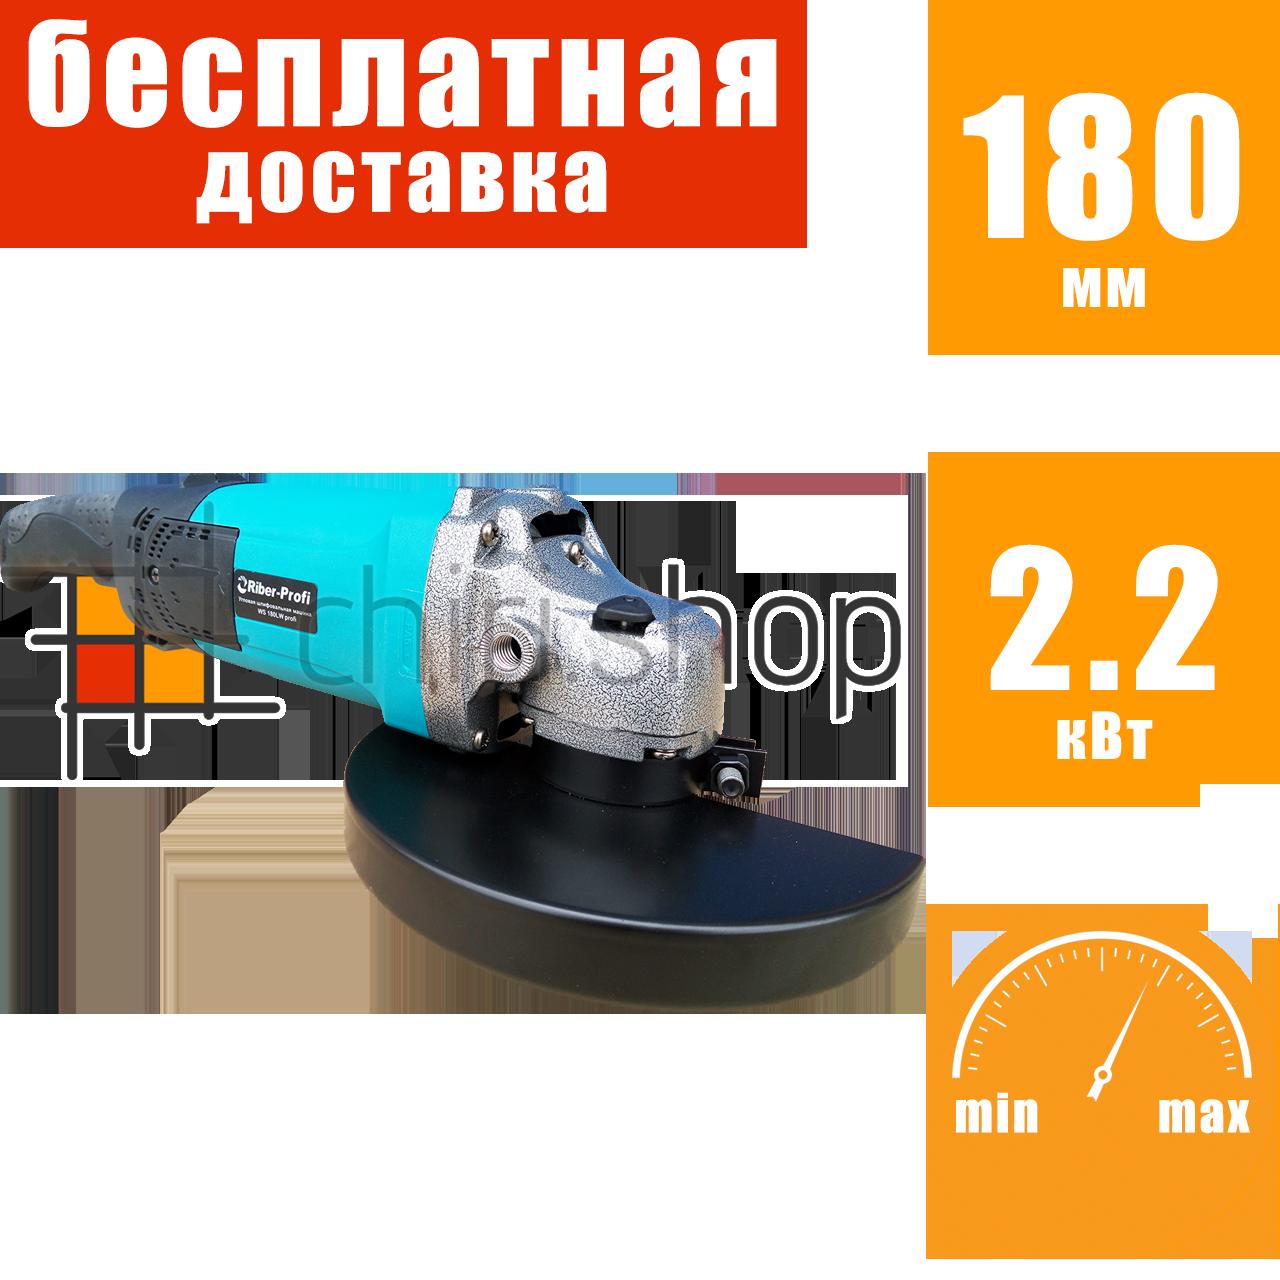 Болгарка с регуляцией оборотов Riber WS 180LW, КШМ УШМ 180 мм, углошлифовальная машина, угловая шлифмашина